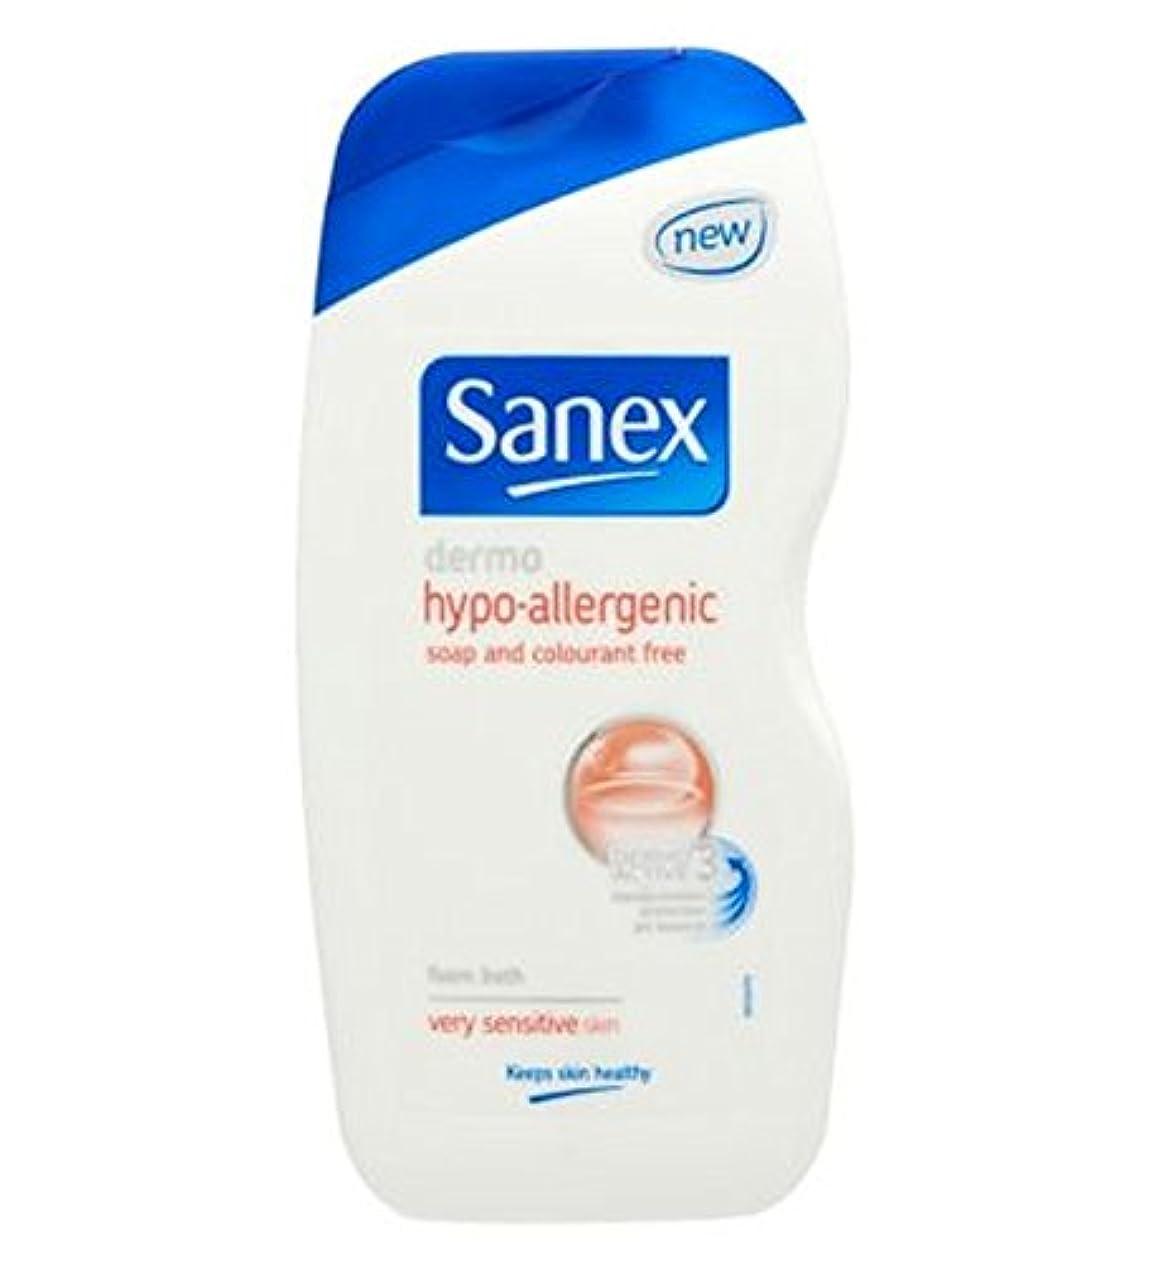 財政ワット療法Sanex真皮ハイポアレルギーの非常に敏感肌の泡風呂500ミリリットル (Sanex) (x2) - Sanex Dermo Hypo Allergenic Very Sensitive Skin Foam Bath 500ml...